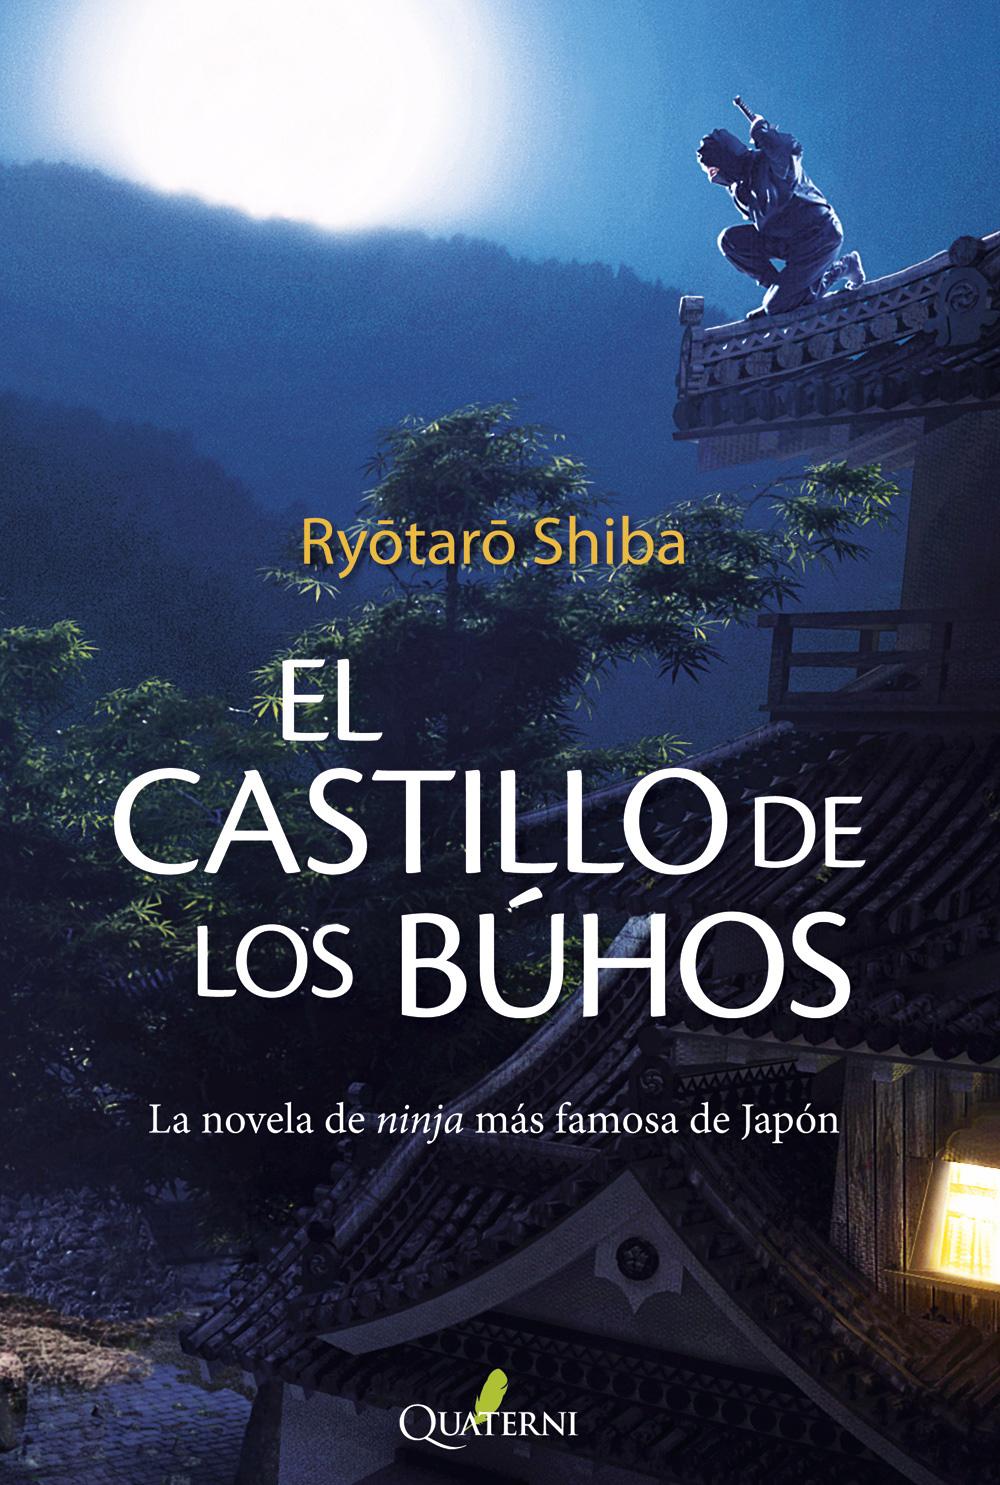 Resultado de imagen de El castillo de los buhos, de Ryotaro Shiba